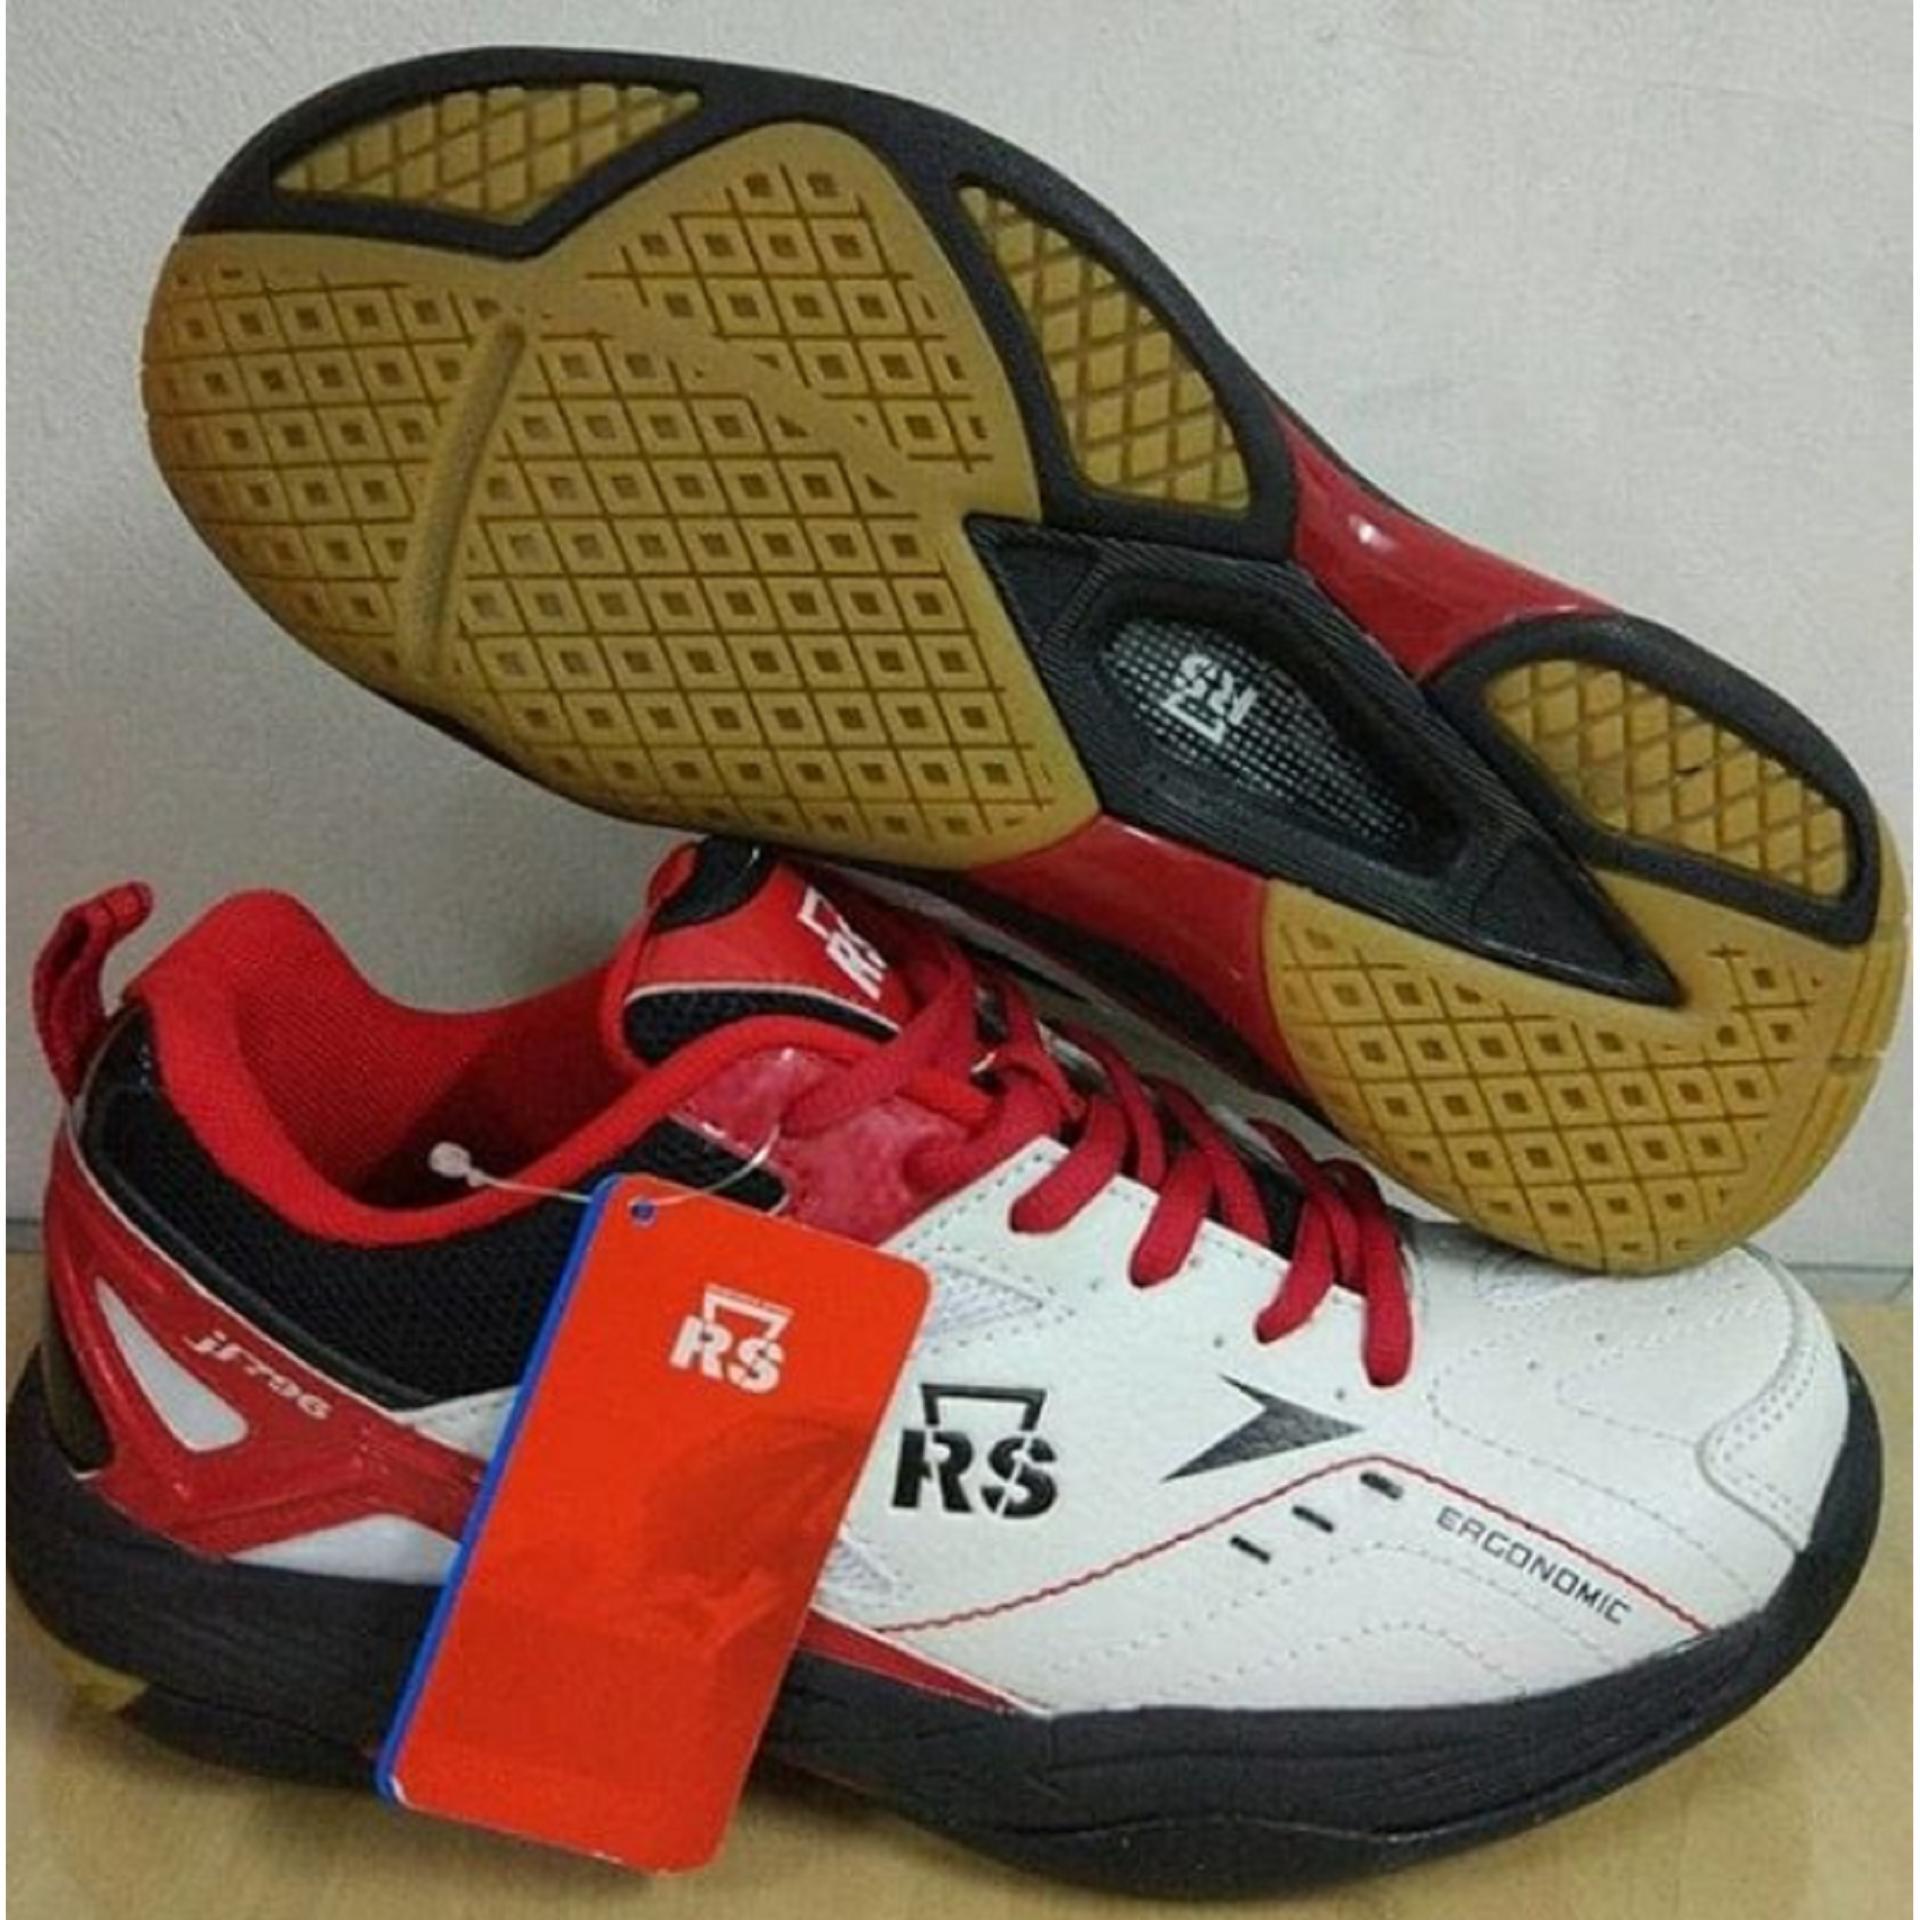 Spek Sepatu Rs Jf796 Badminton Shoes Jual Perlengkapan Bulutangkis Adha Sport Store